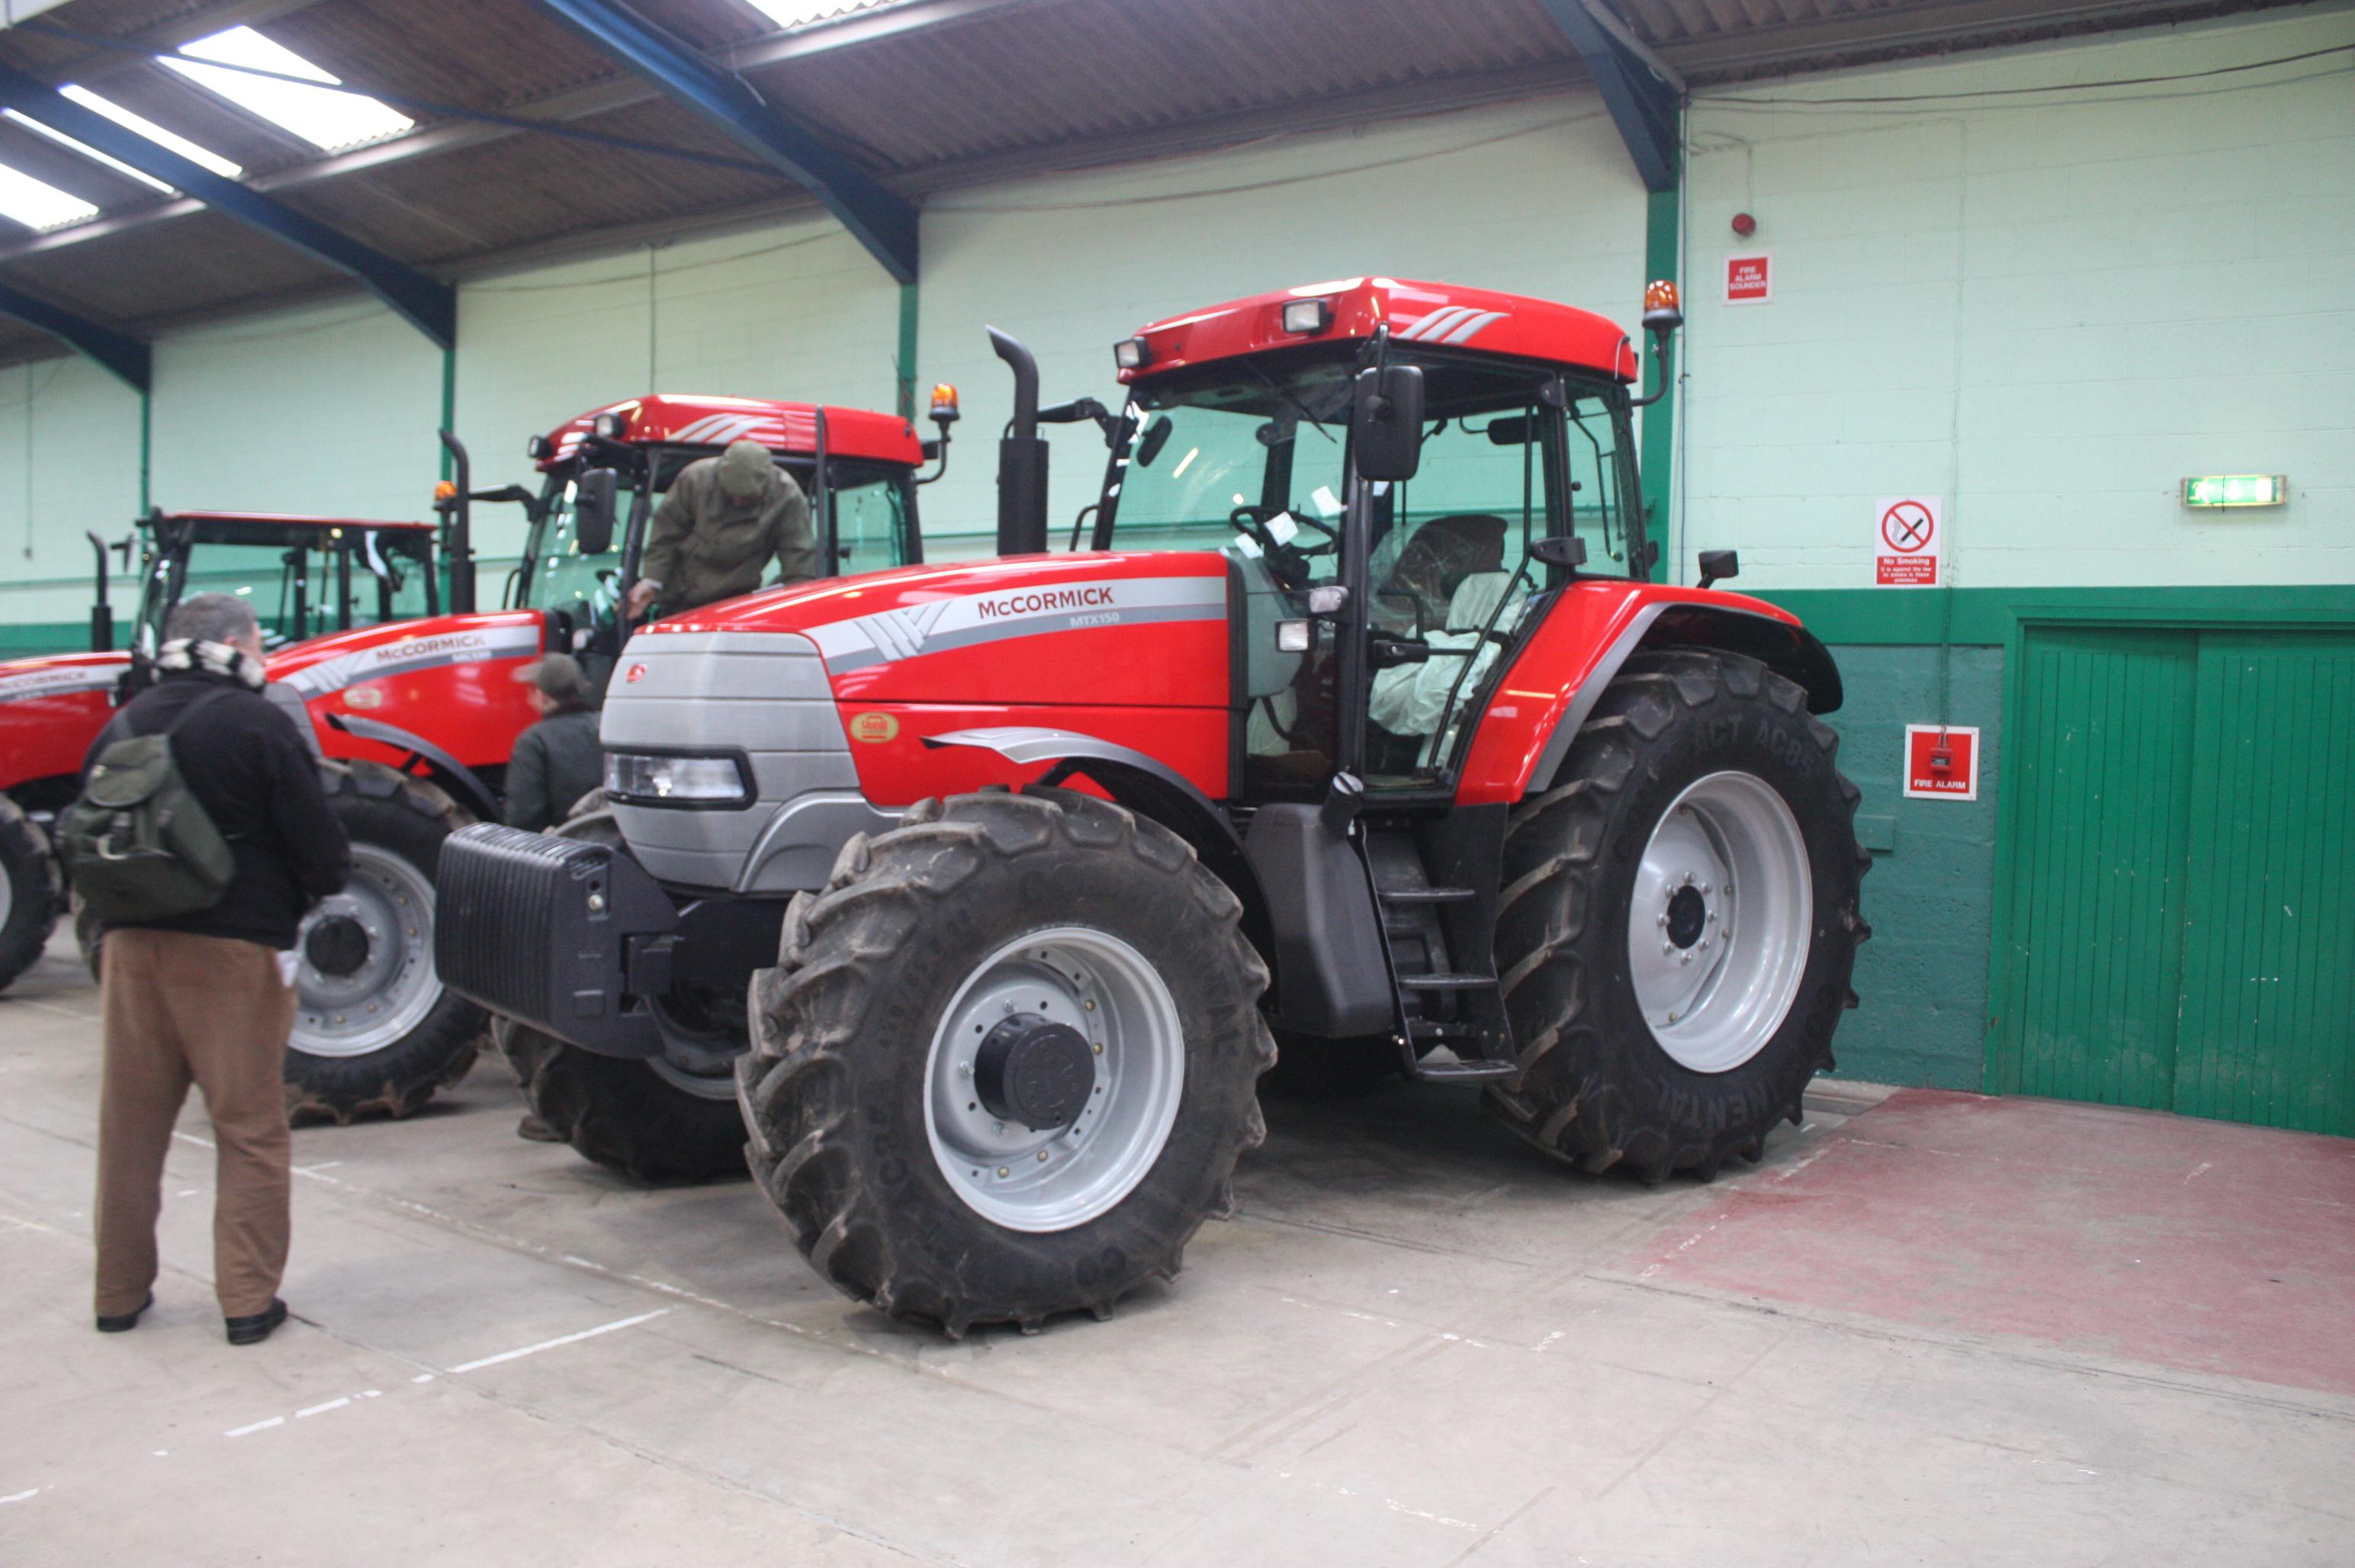 mccormick tractors tractor construction plant wiki fandom rh tractors wikia com McCormick Compact Tractors McCormick Tractor Logo